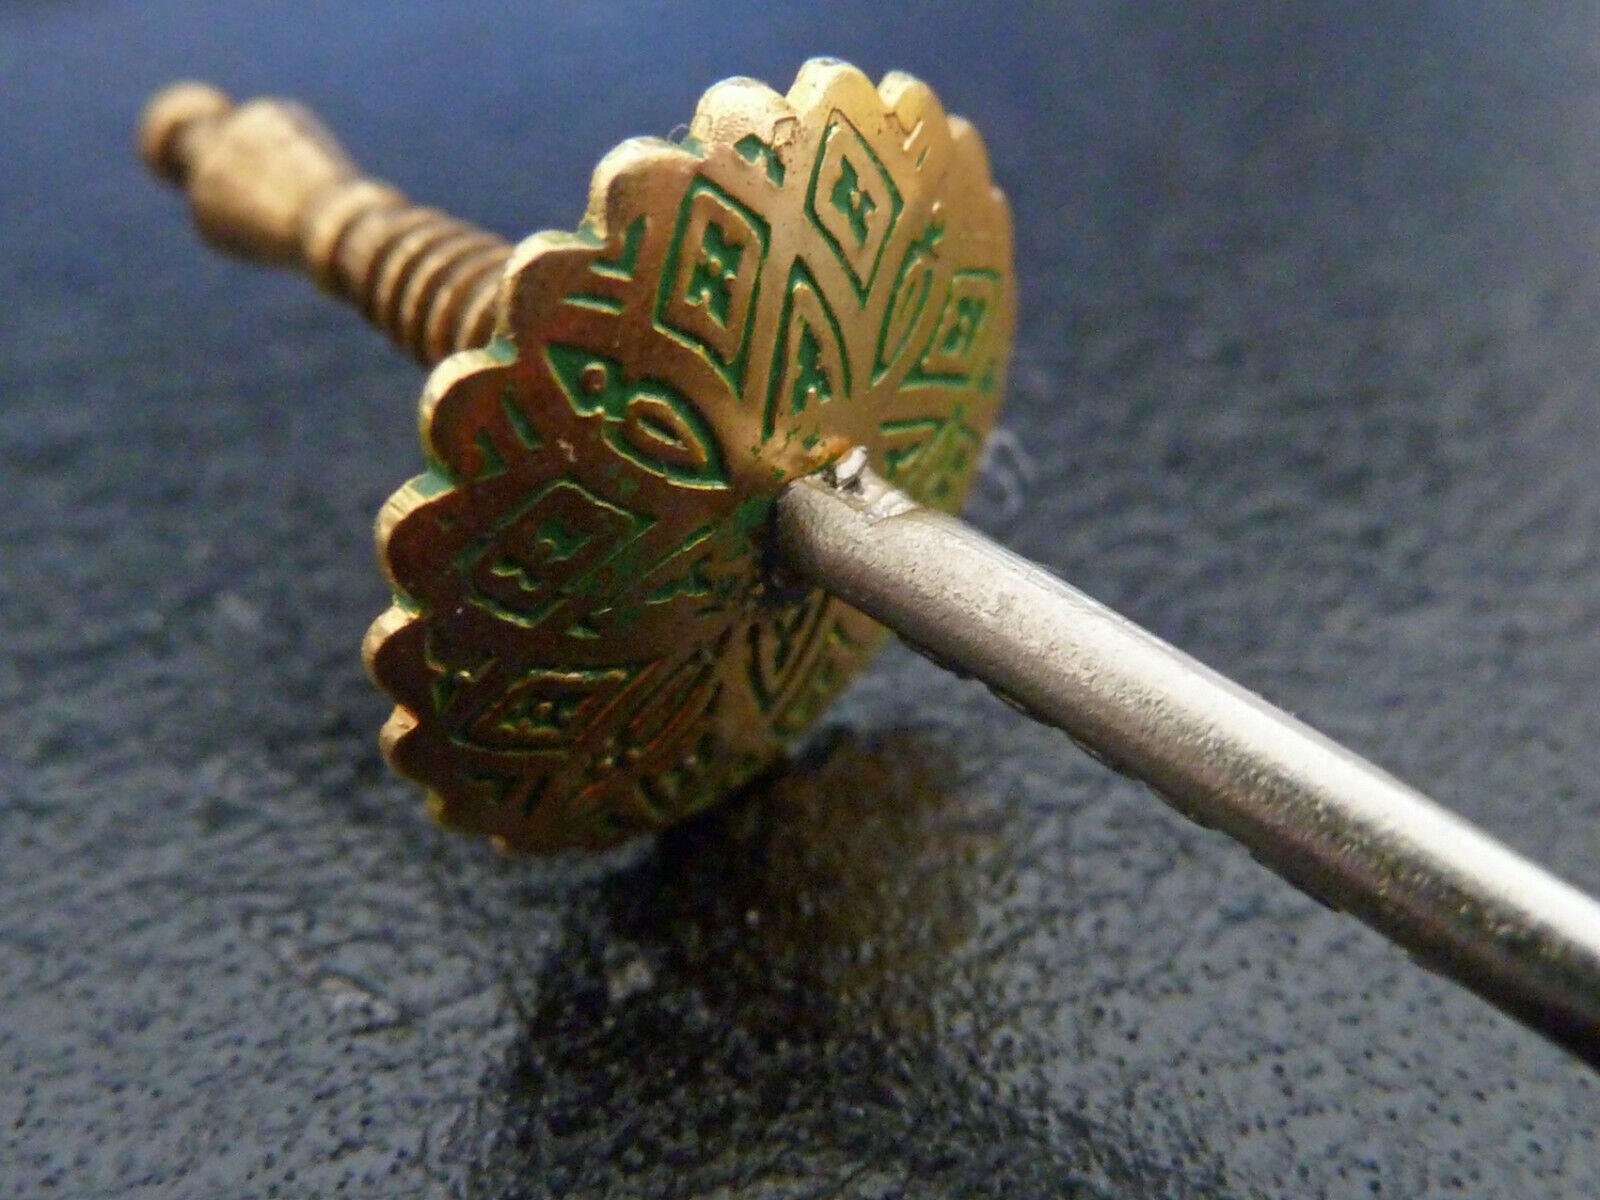 Florett, Degen, Fechten, Waffe, Schwert ca. 1:8, Metall